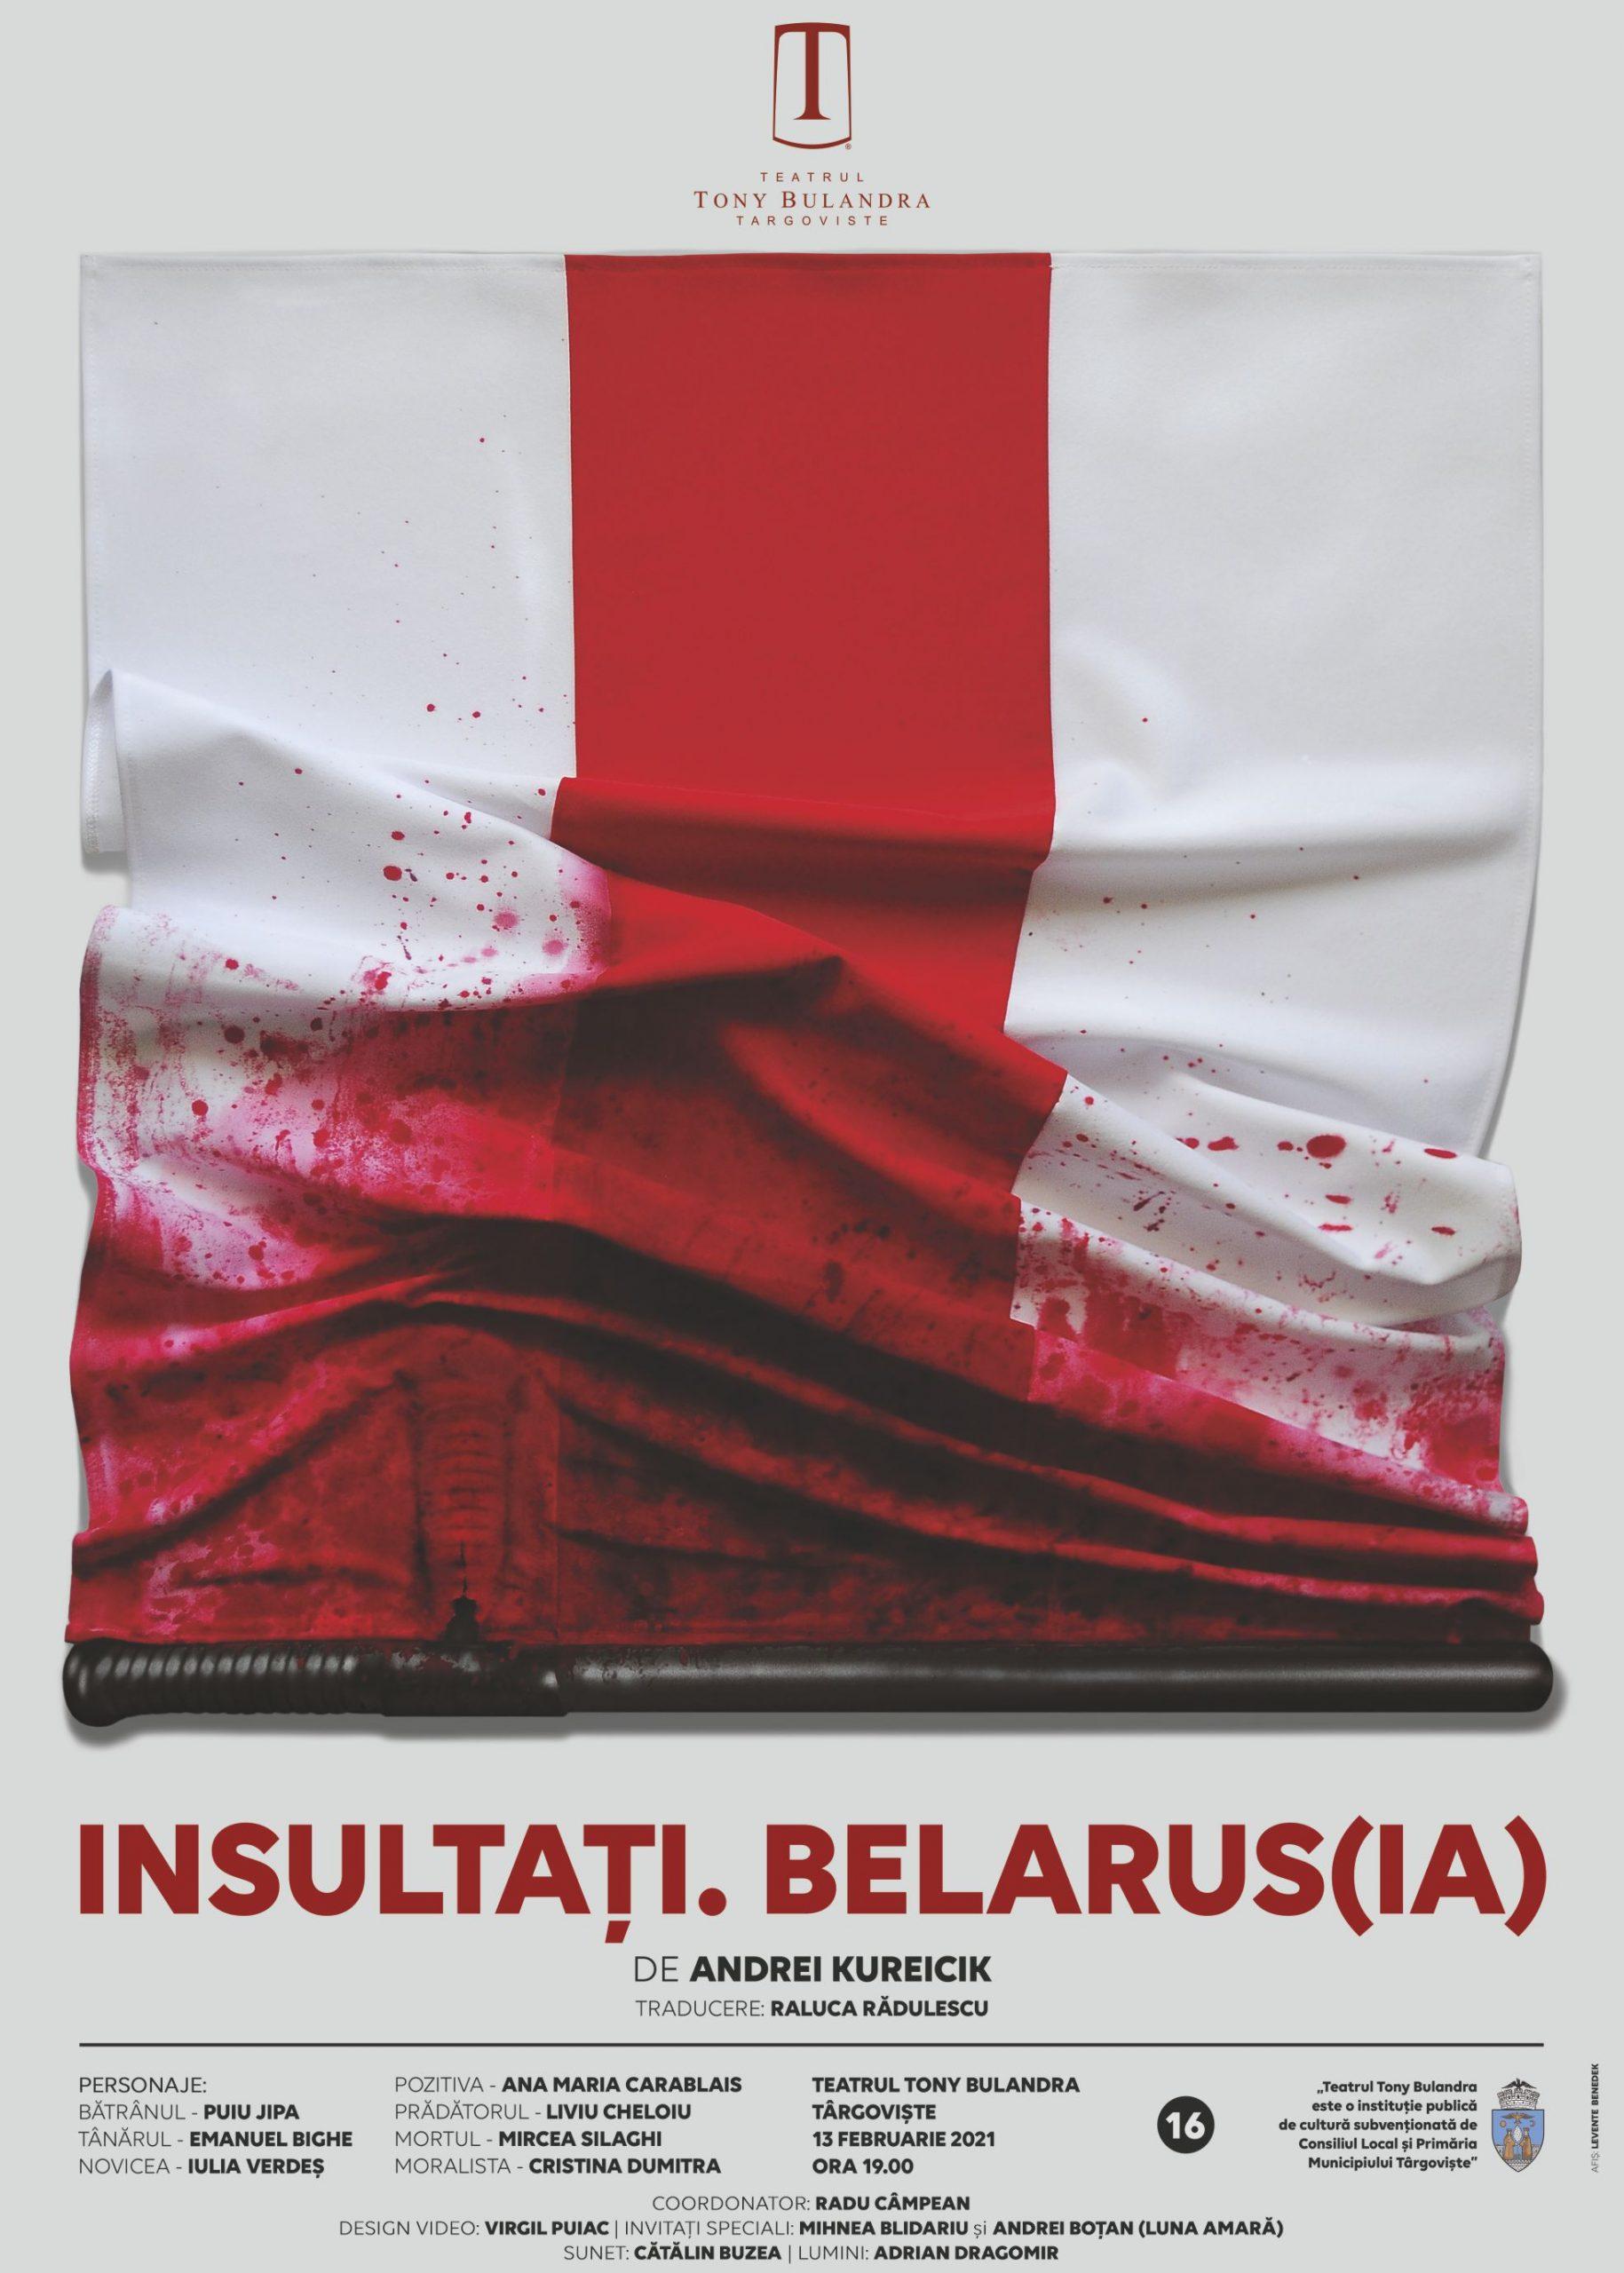 Teatrul Tony Bulandra se alătură programului Belarus(ia)